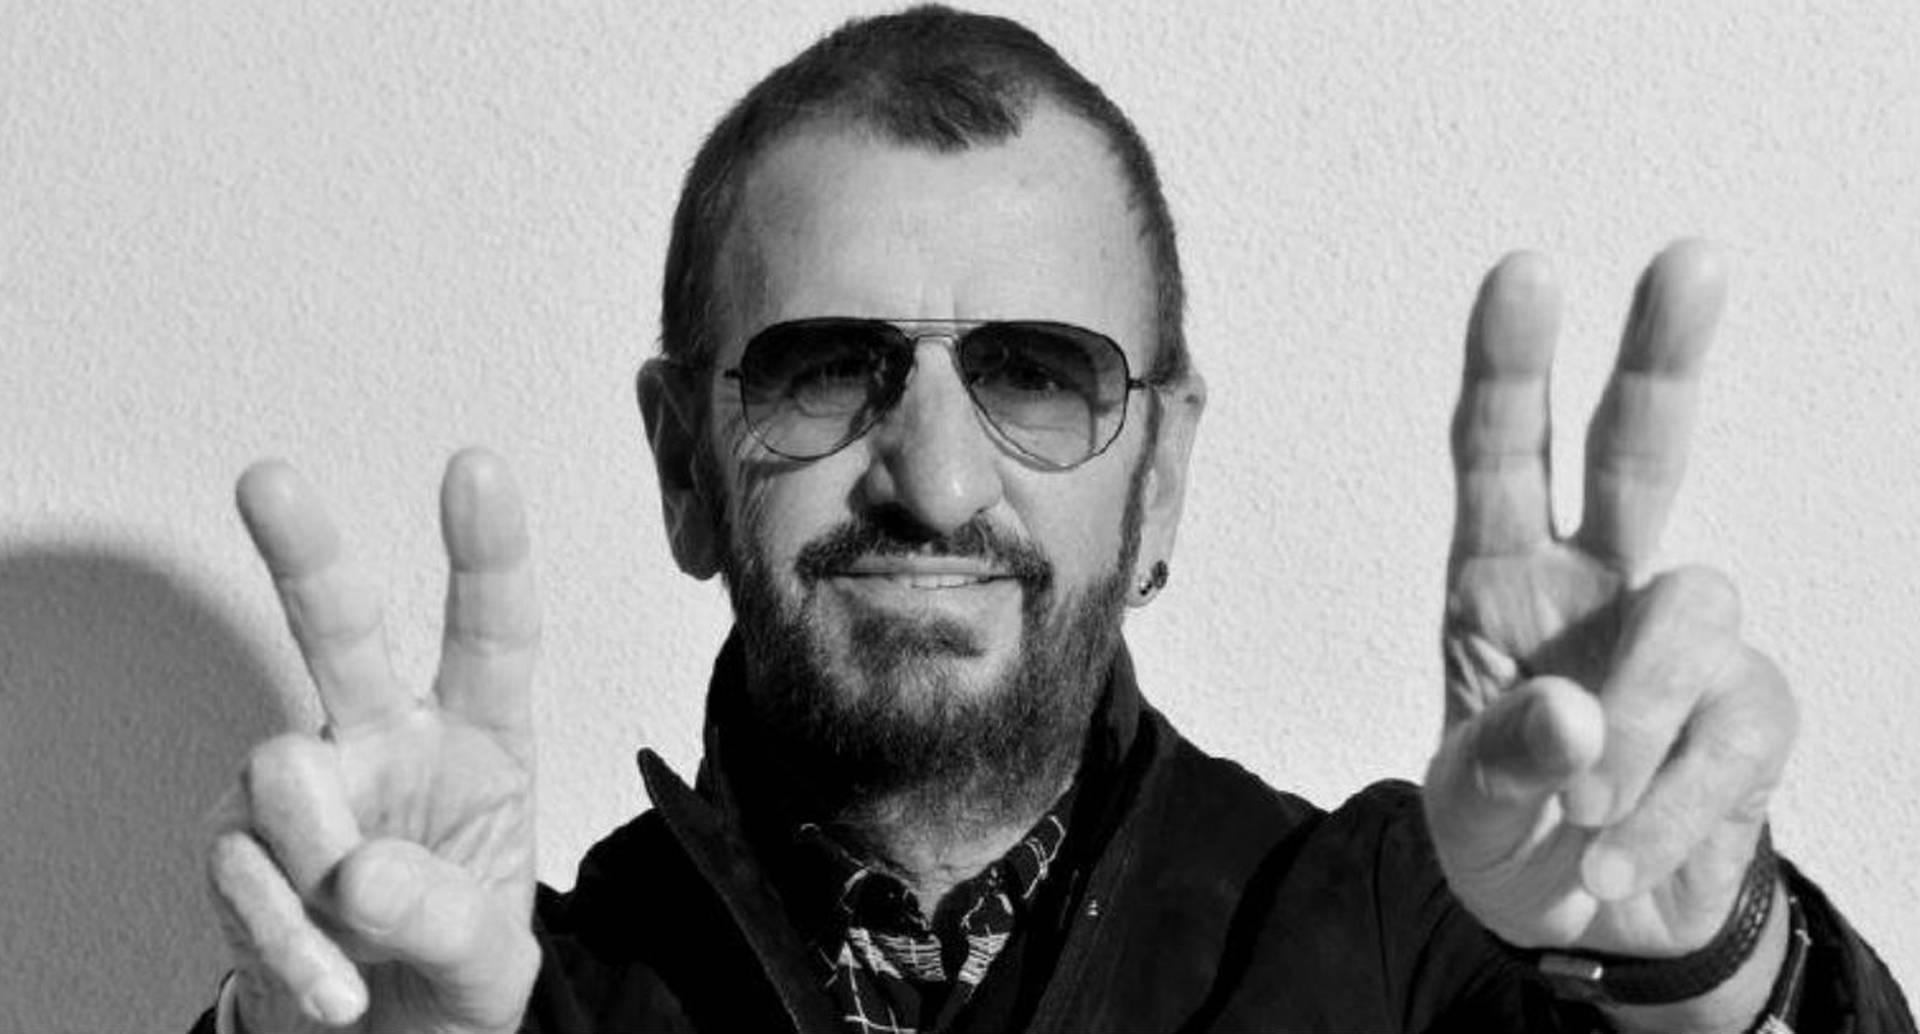 Noticias del día: Ringo Starr ofrecerá concierto online para celebrar sus 80 años